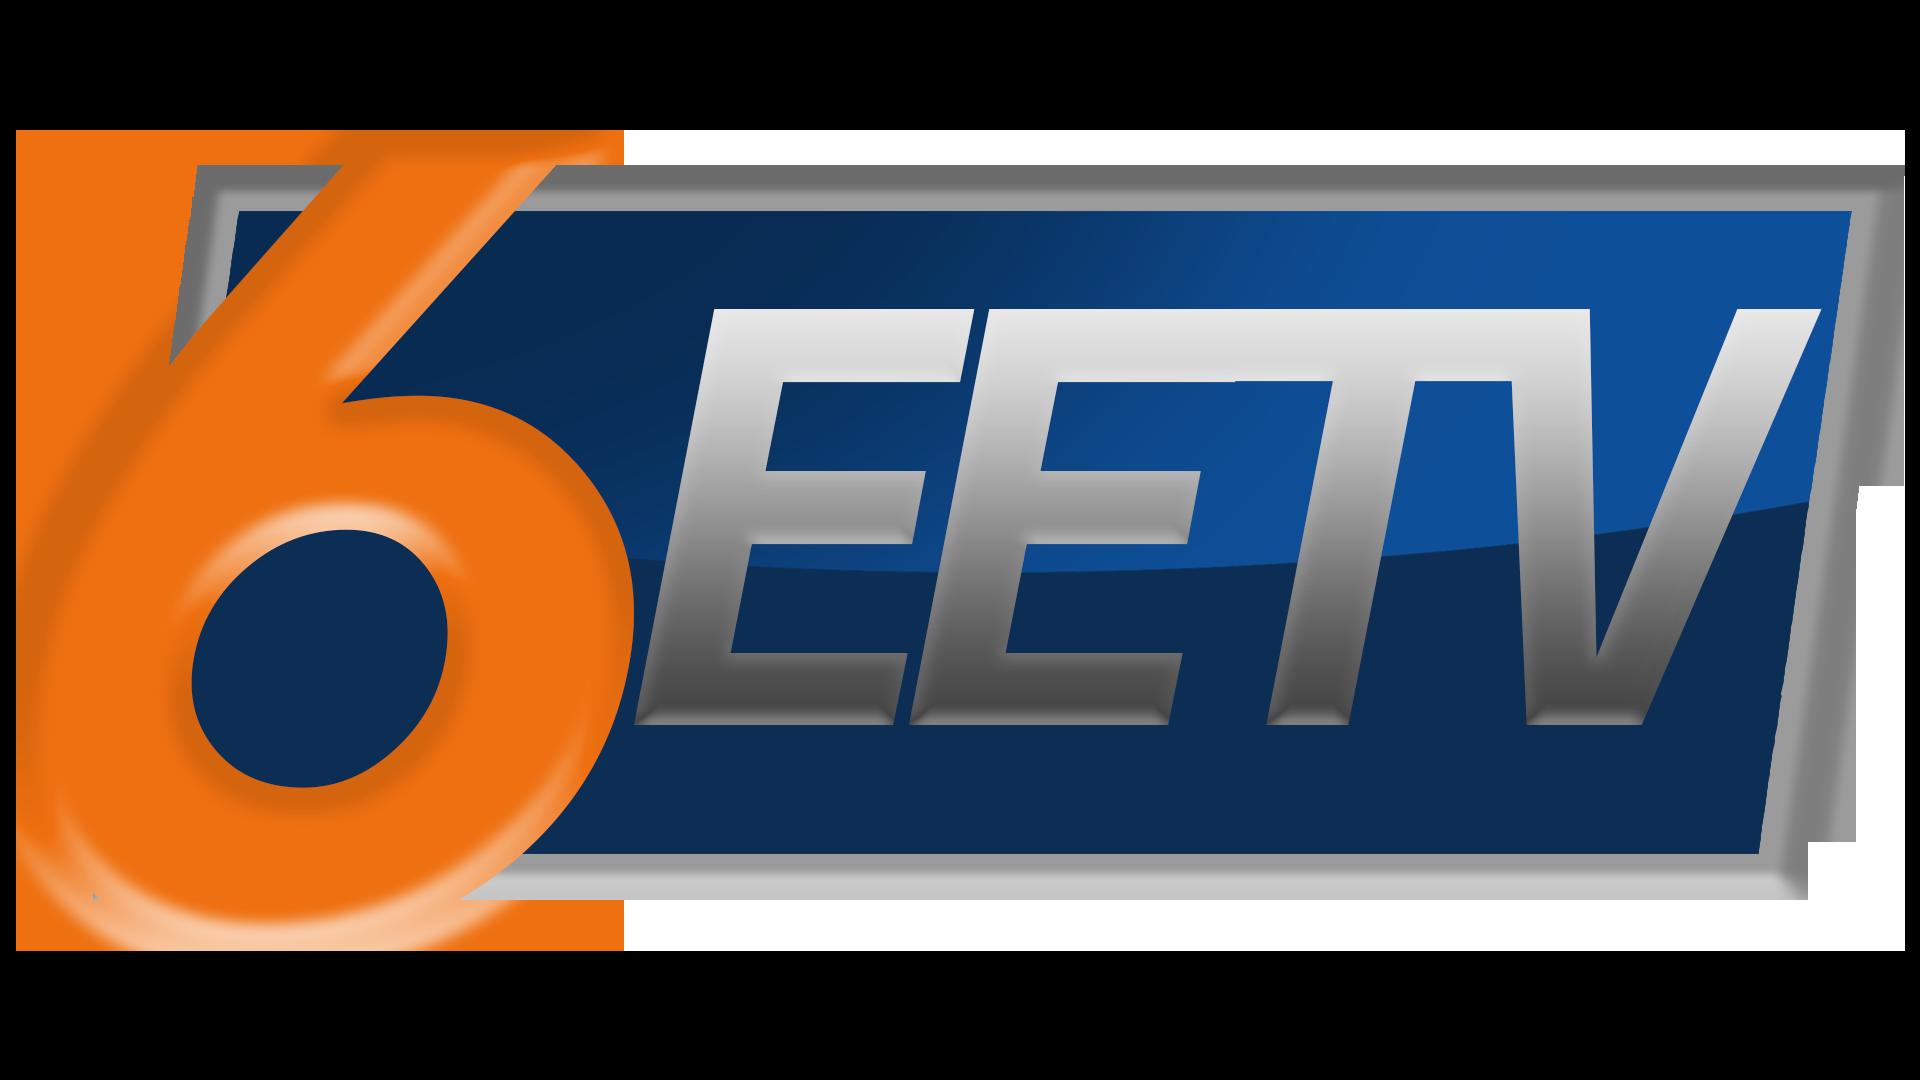 Eagle Eye TV